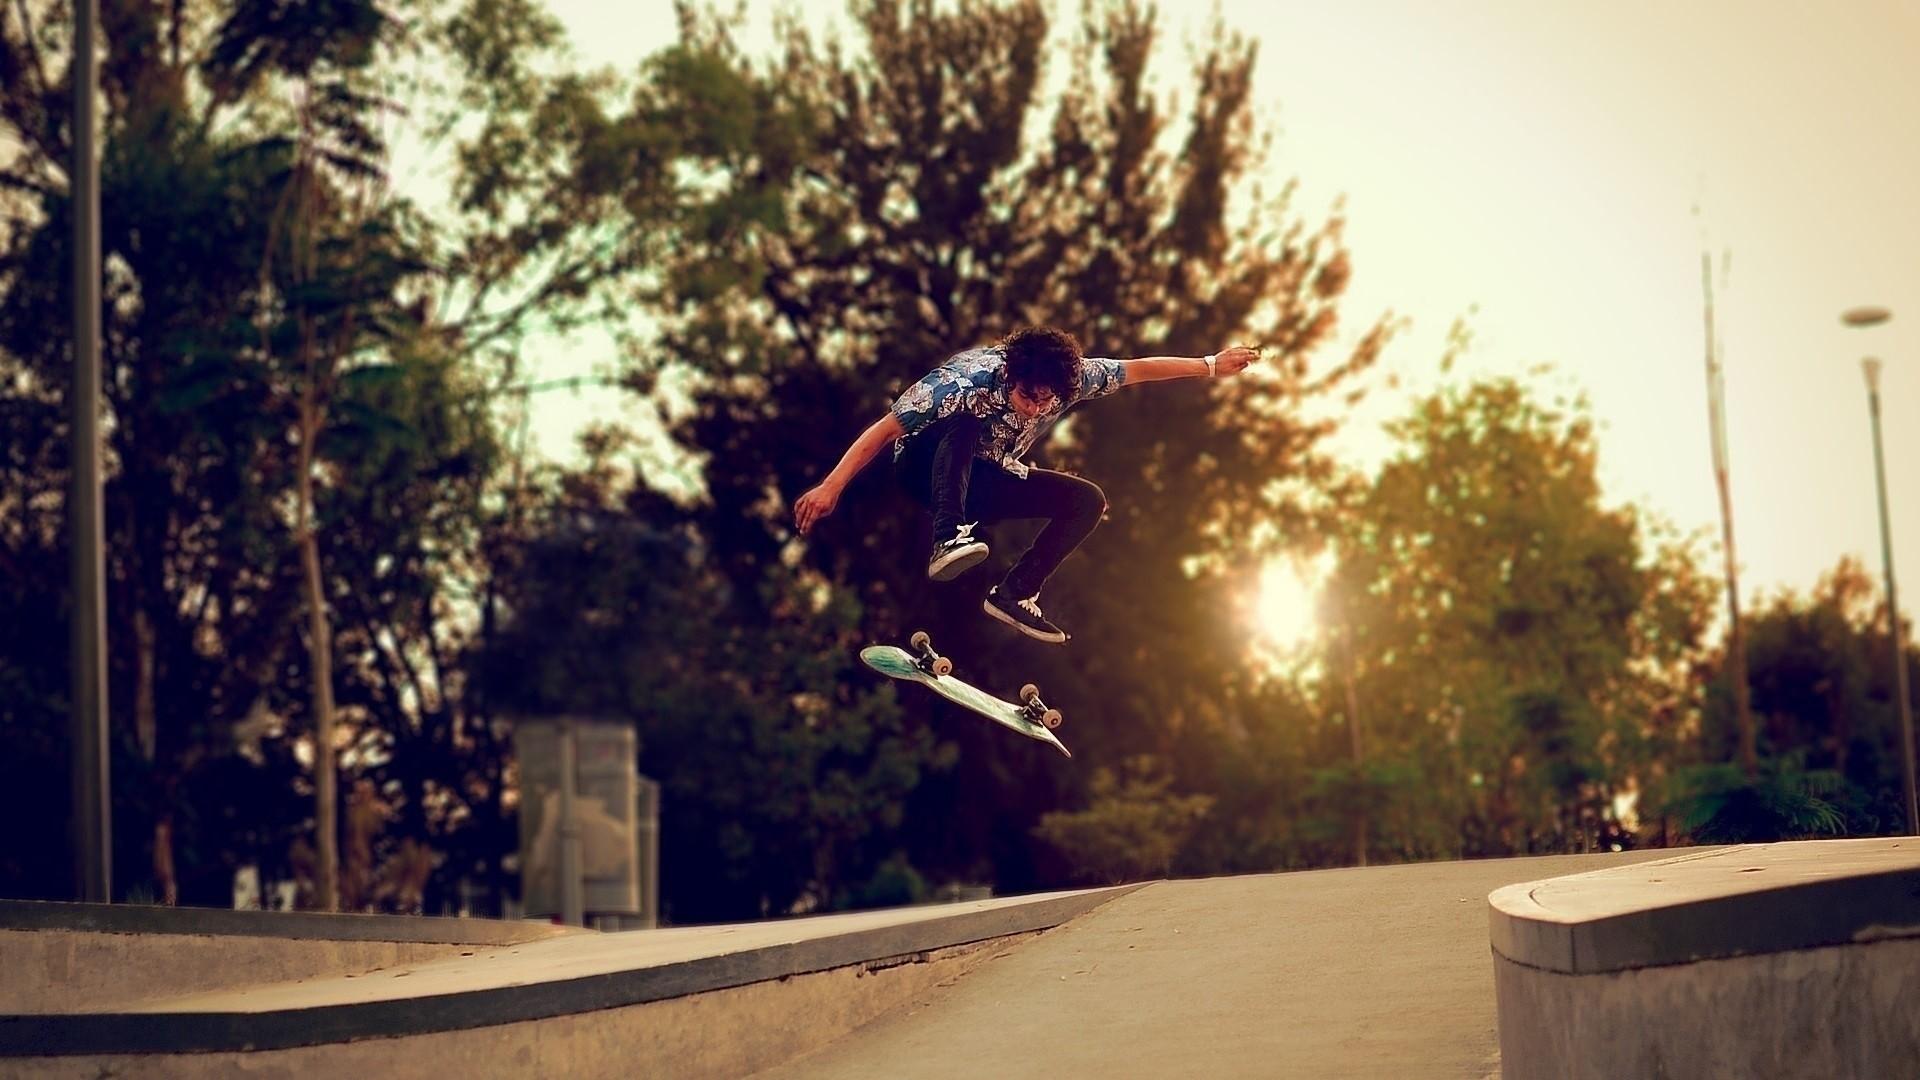 Skateboard PC Wallpaper HD